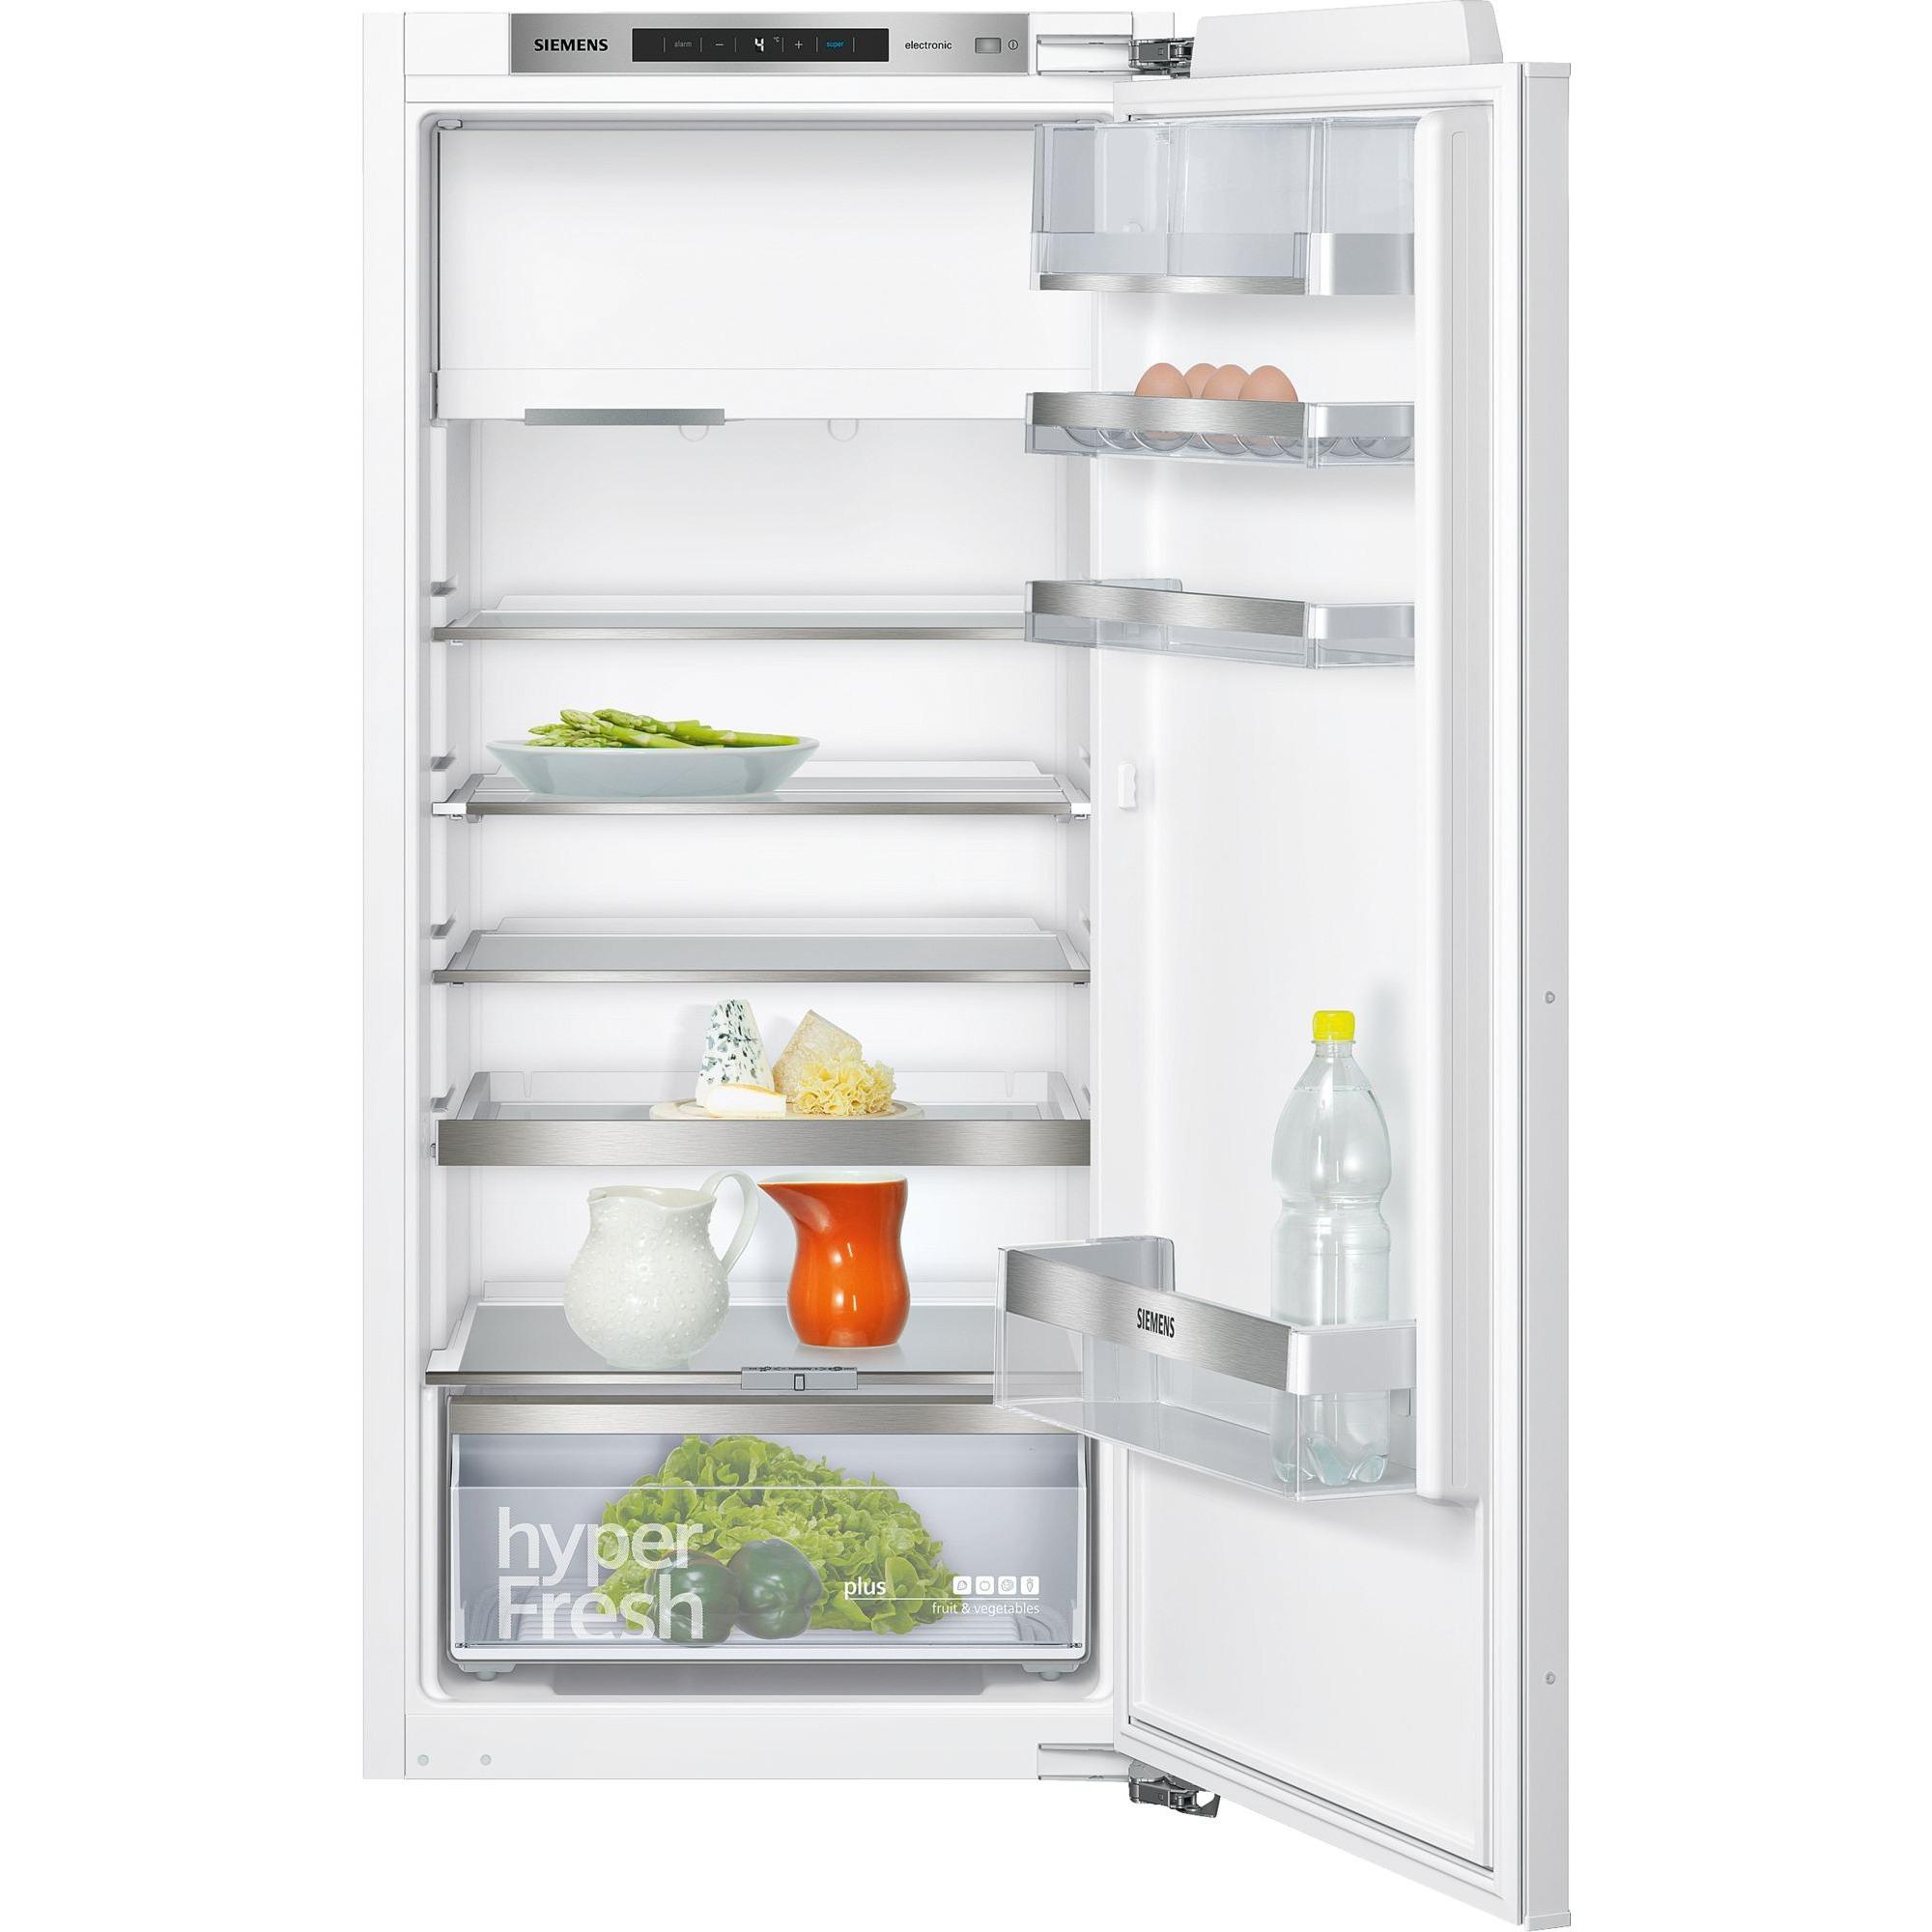 Siemens KI42LAF40 iQ500, Kühlschrank weiß